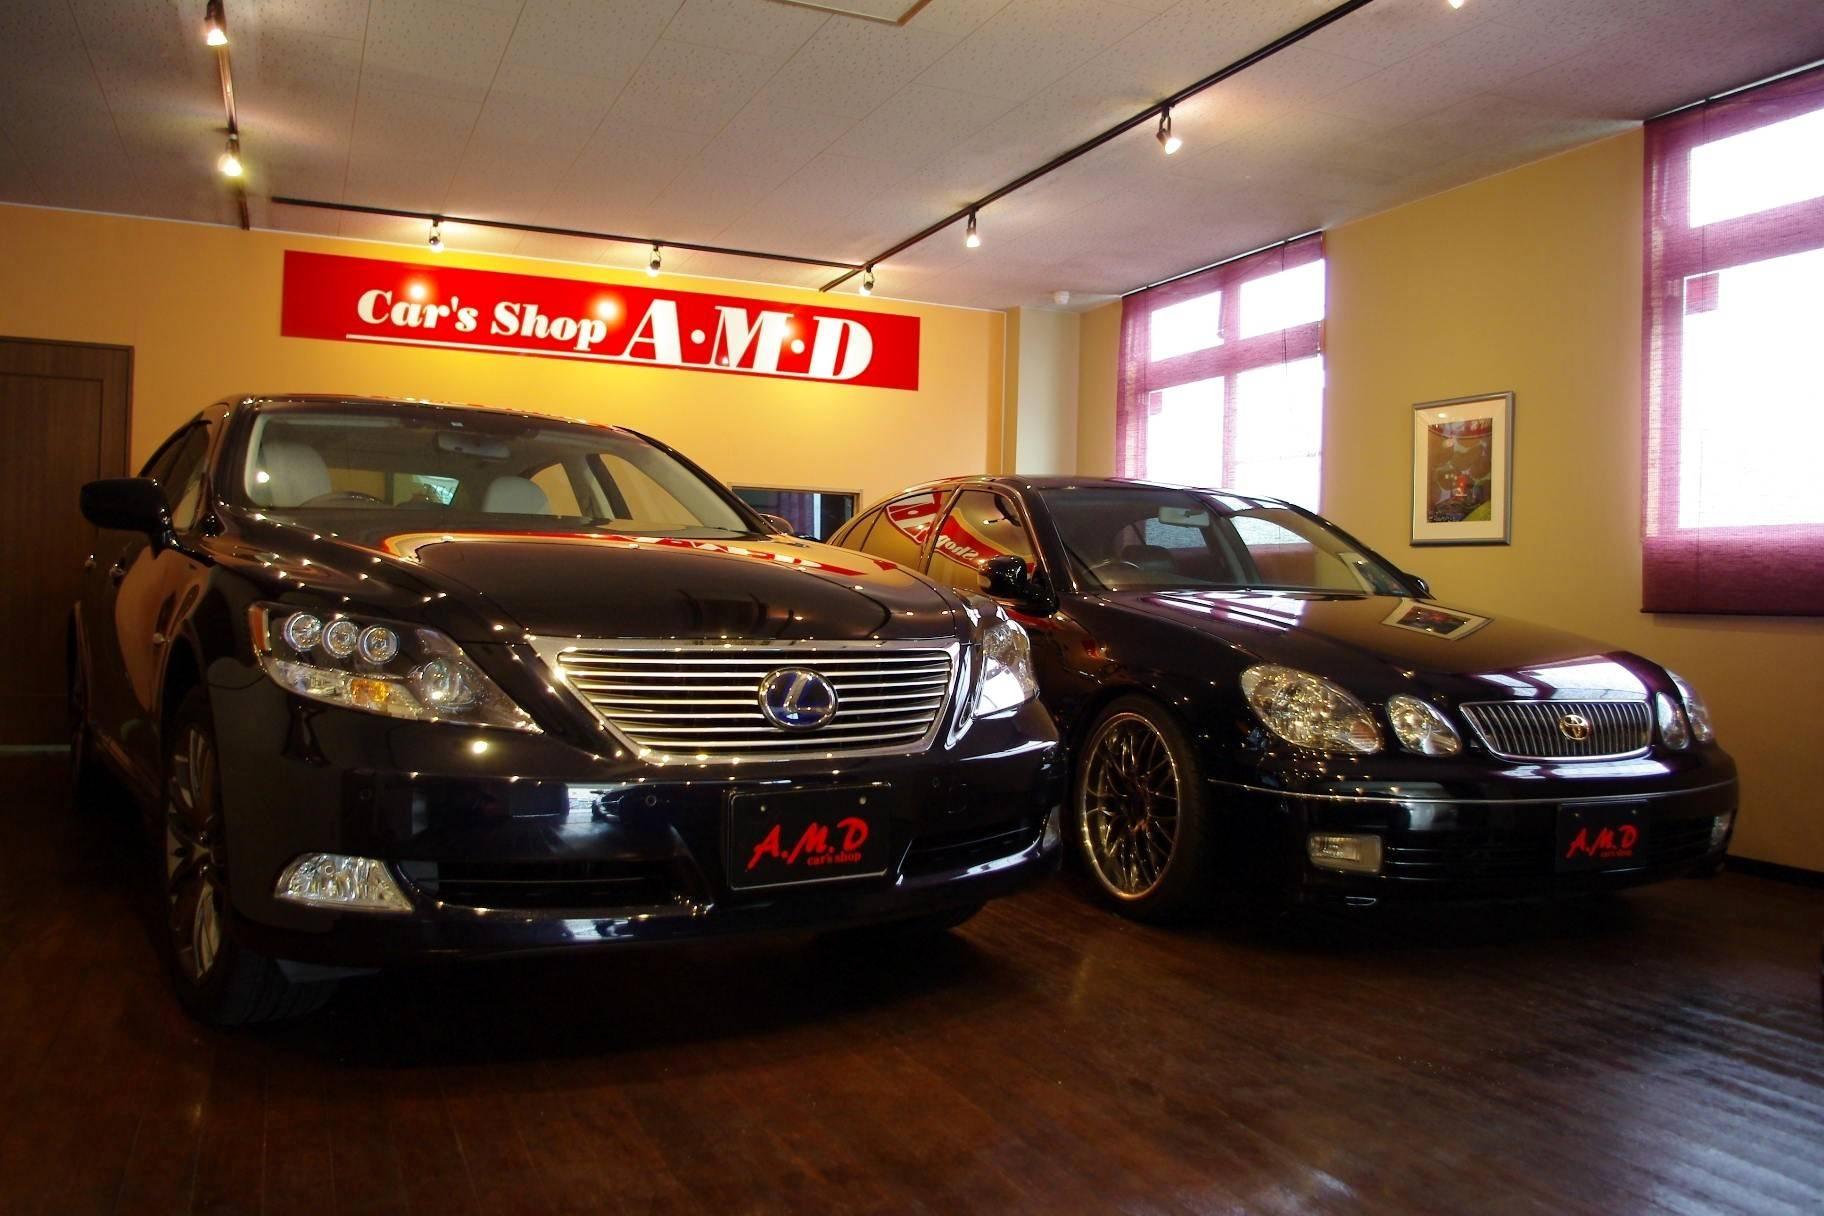 Car's Shop A・M・D